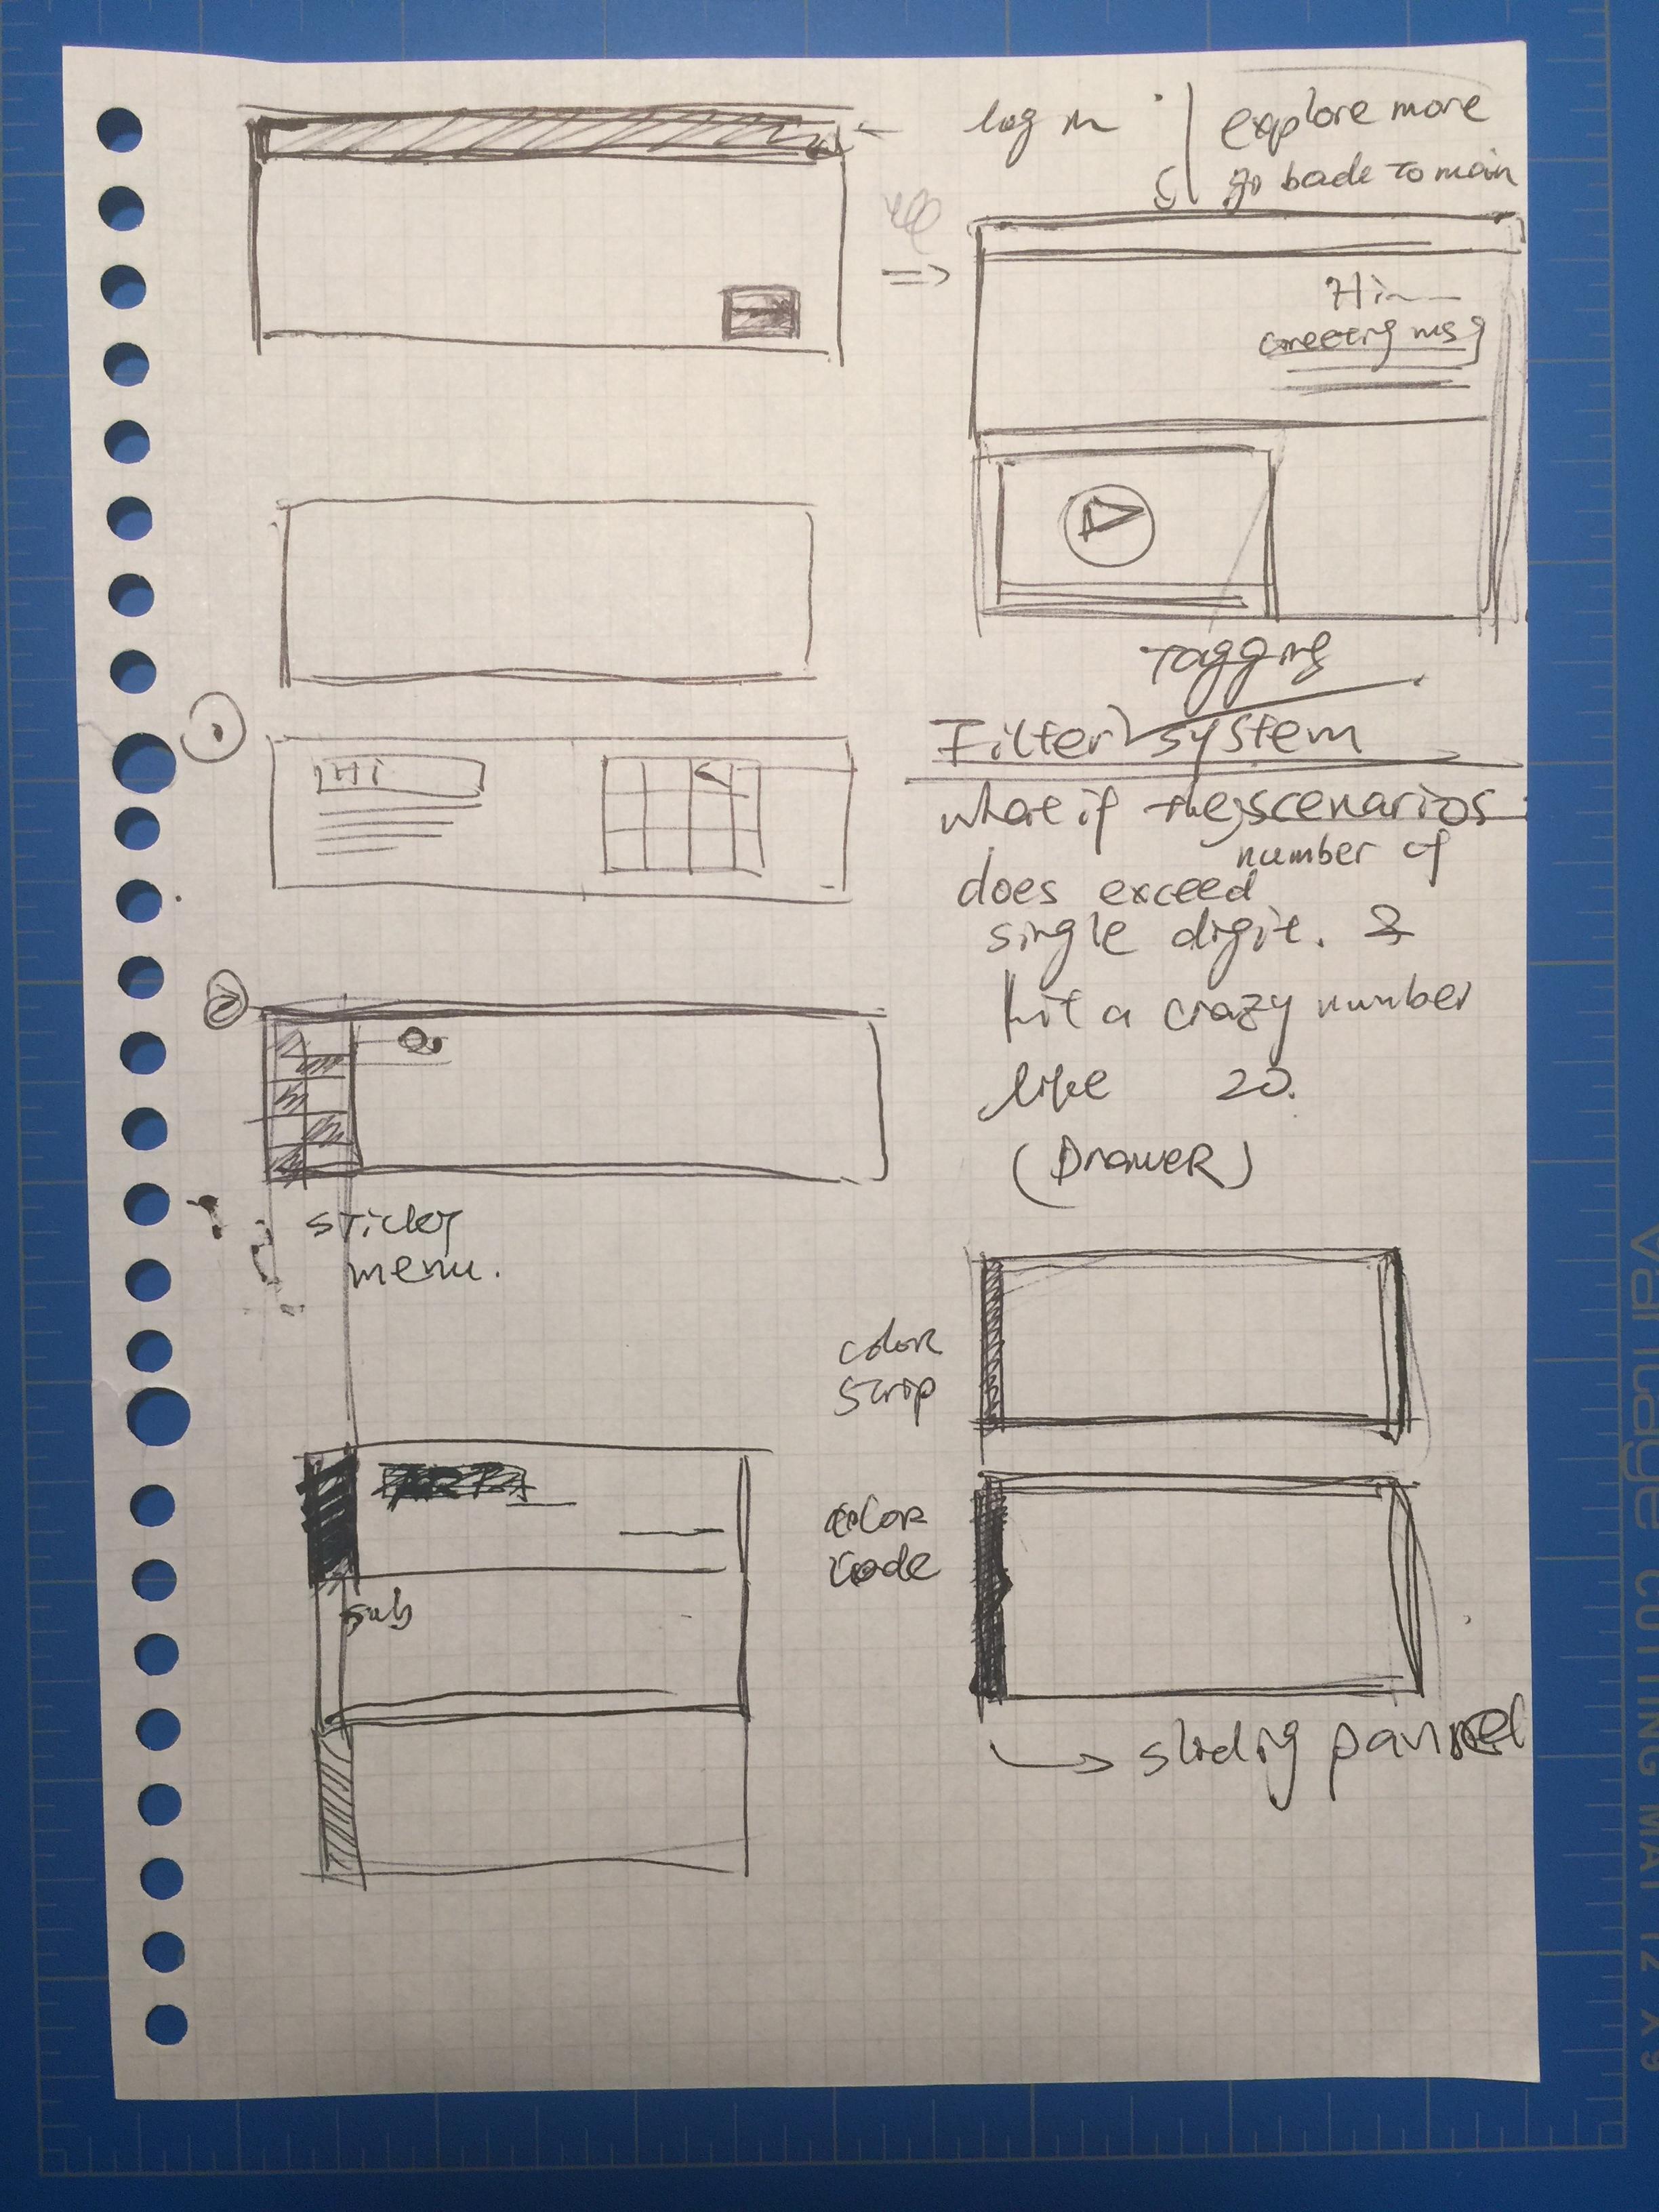 Exploration on content block arrangement